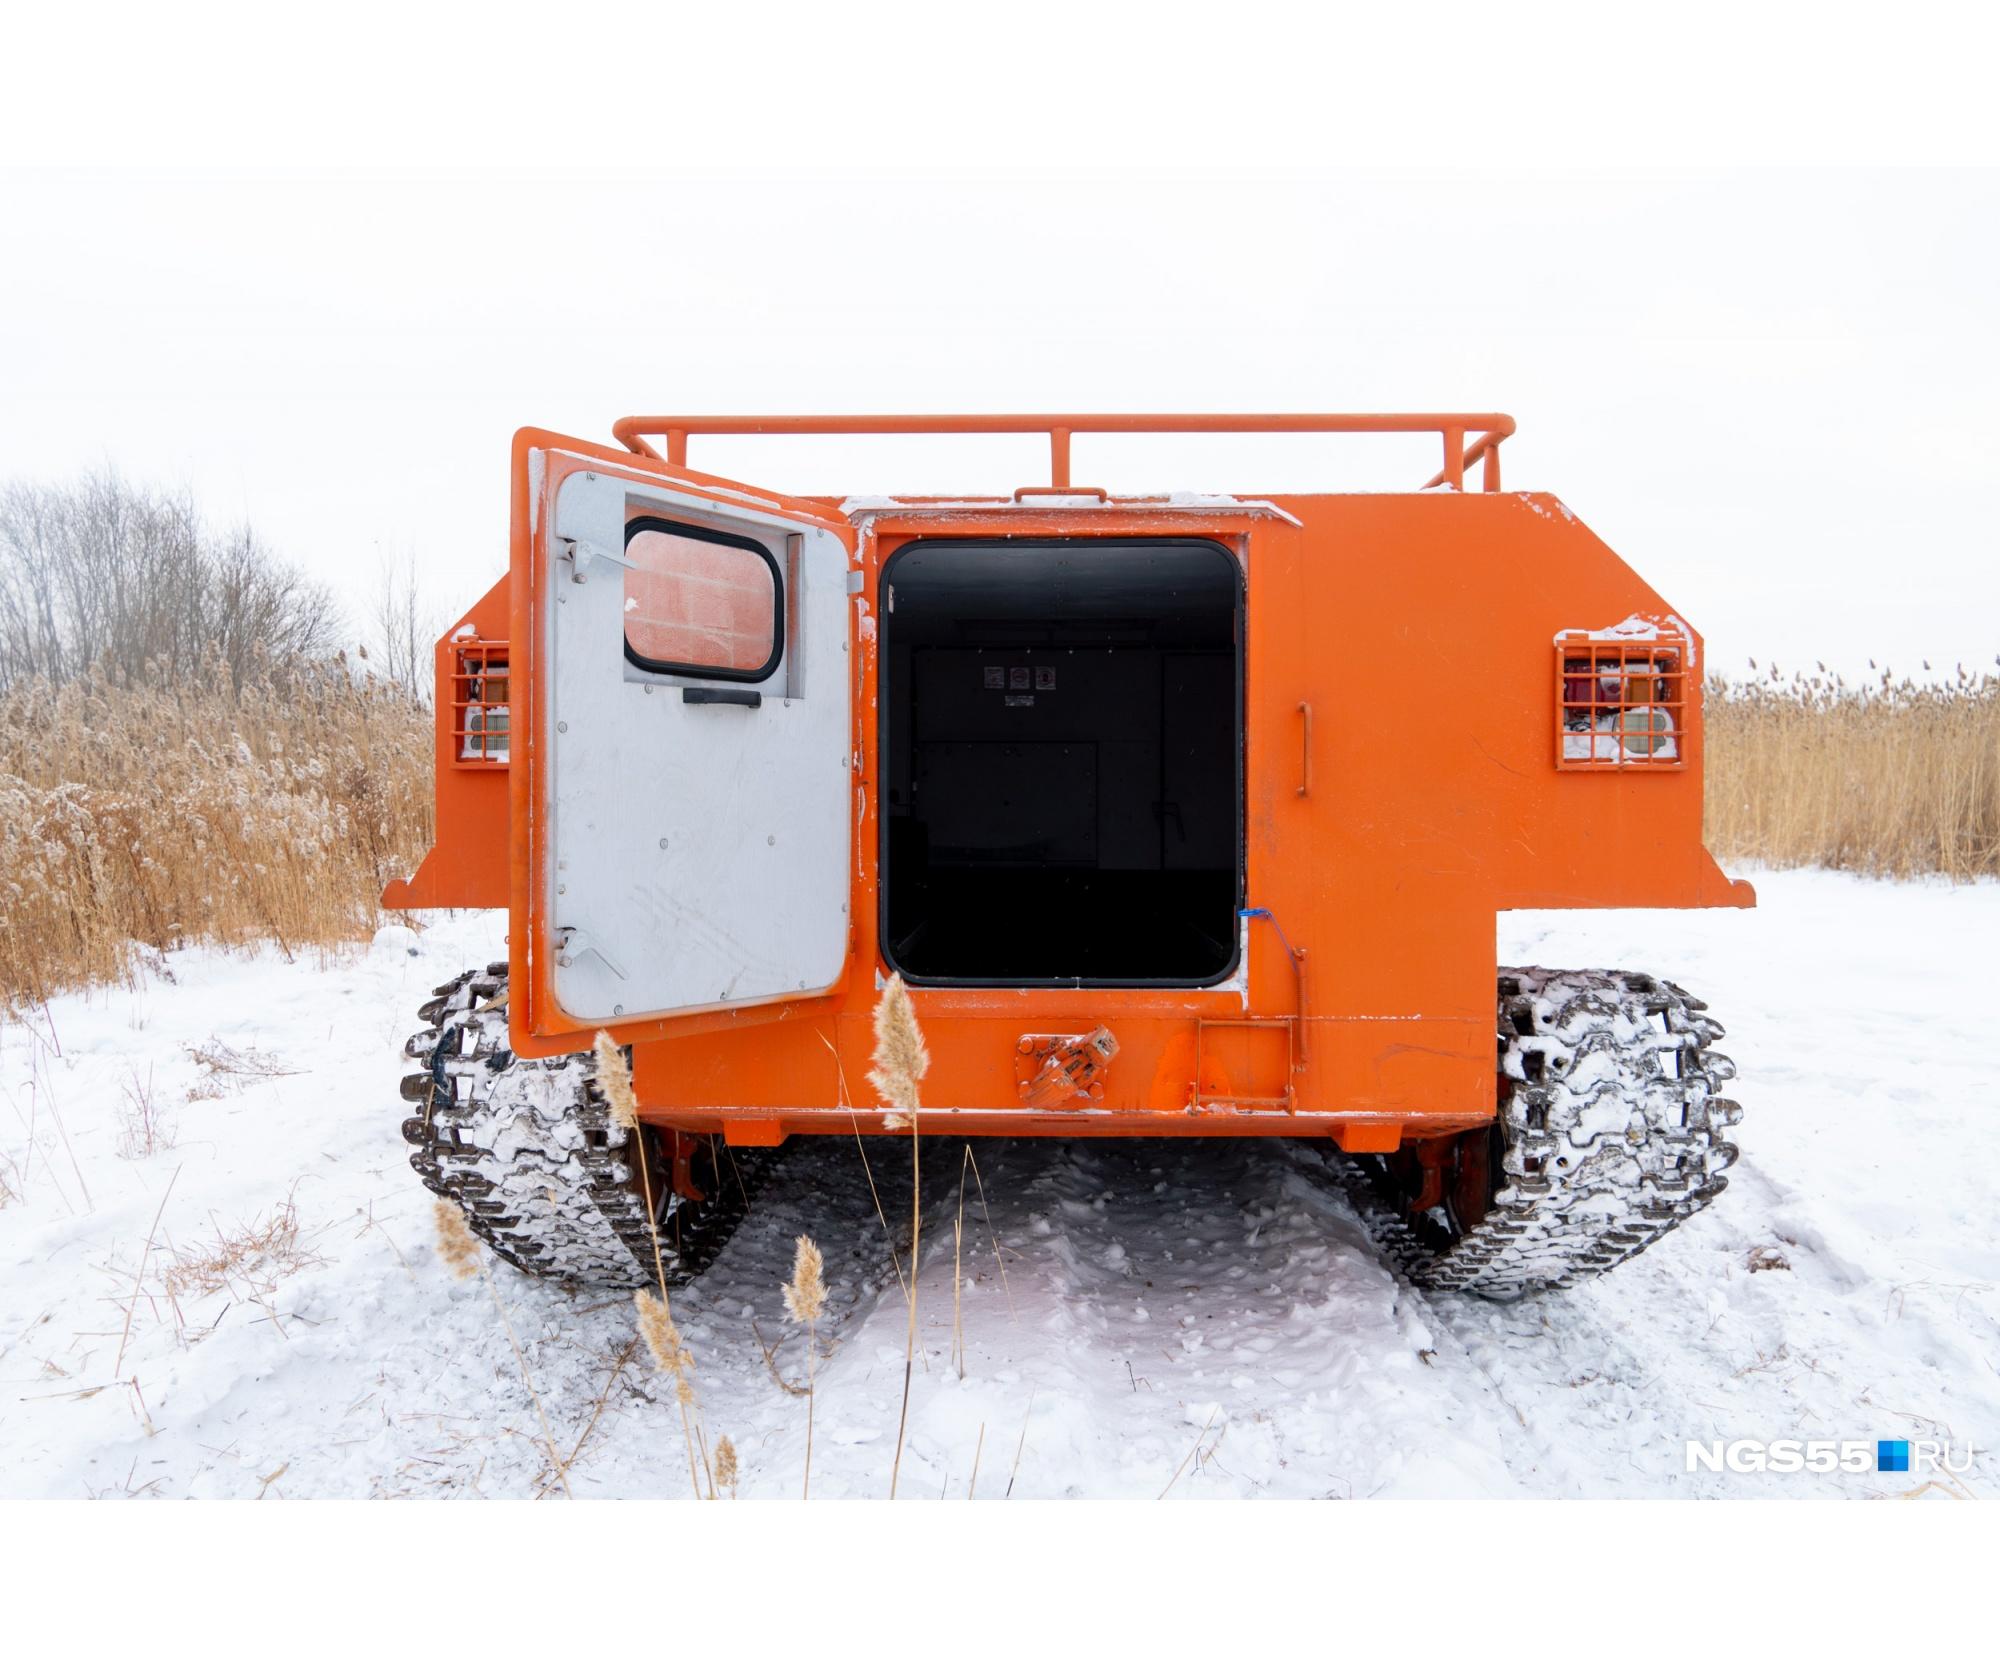 Наш вариант — грузопассажирский. На эти вездеходы монтируют буровое оборудование, лебёдки и отвалы, краны, гидроподъемники и многое другое